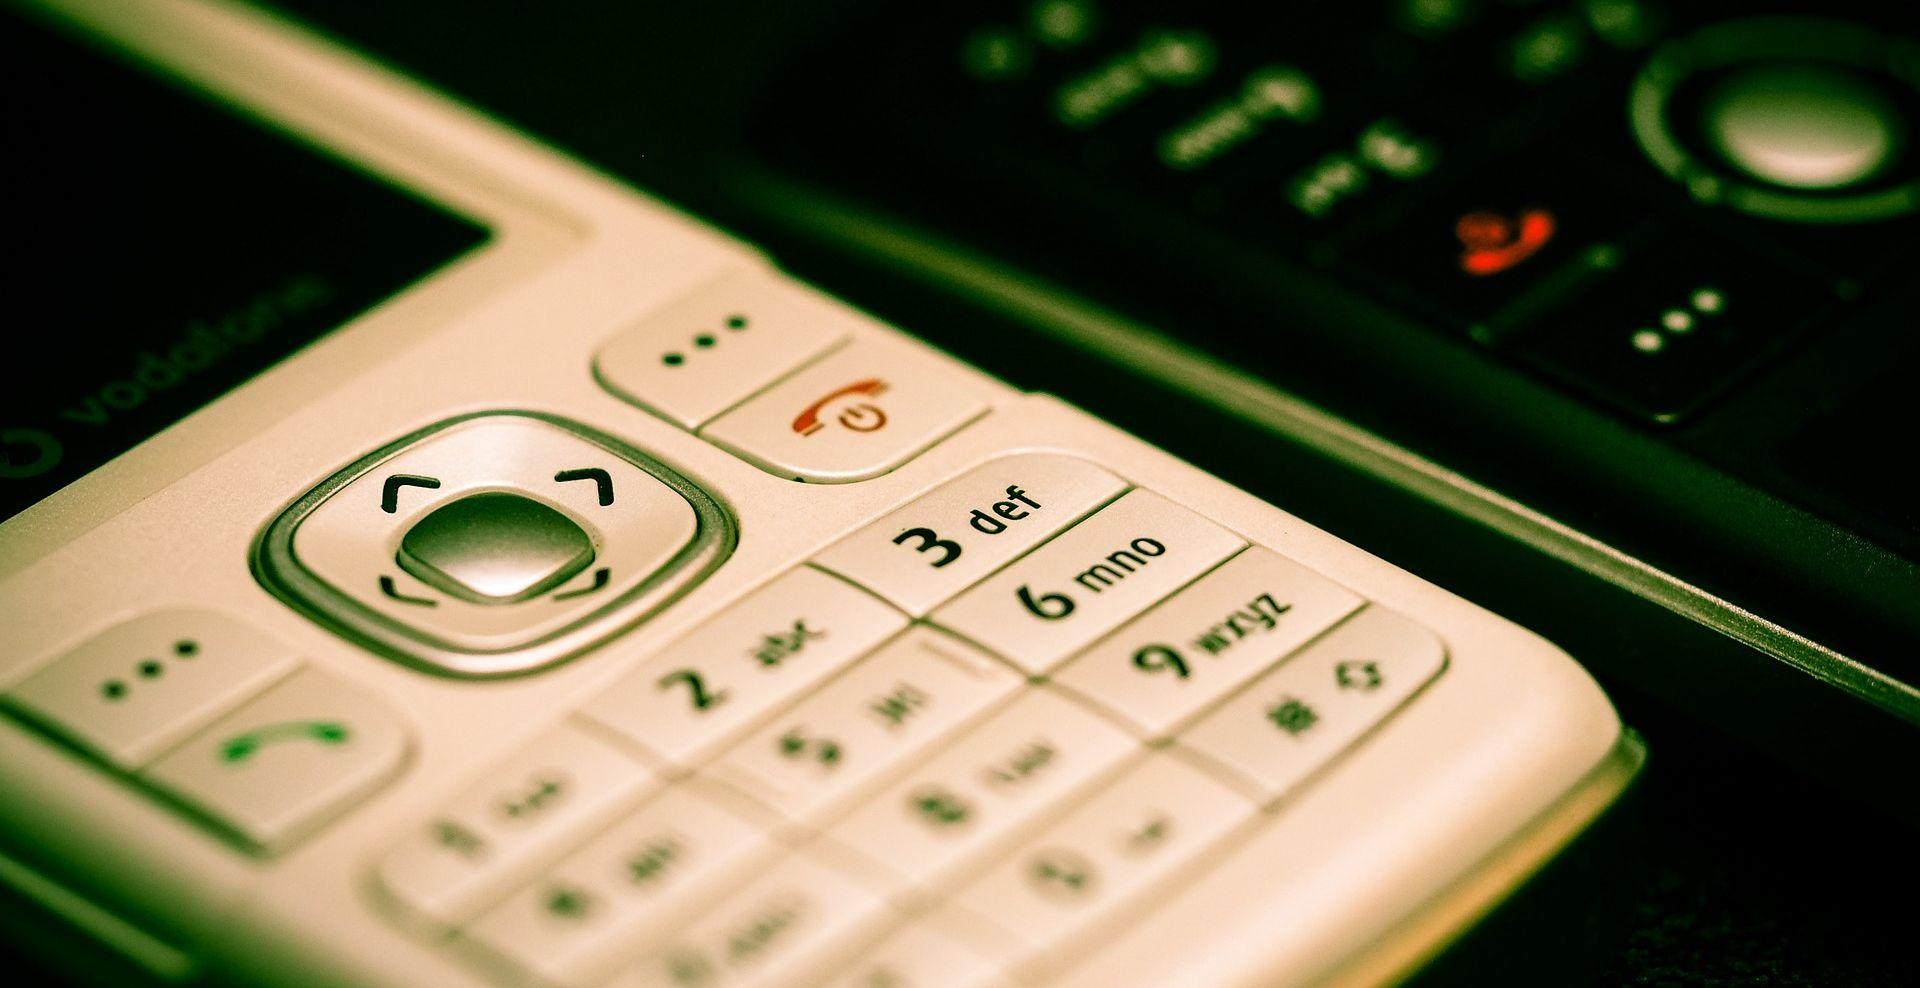 Telekomi u Hrvatskoj spremni za nova pravila o roamingu